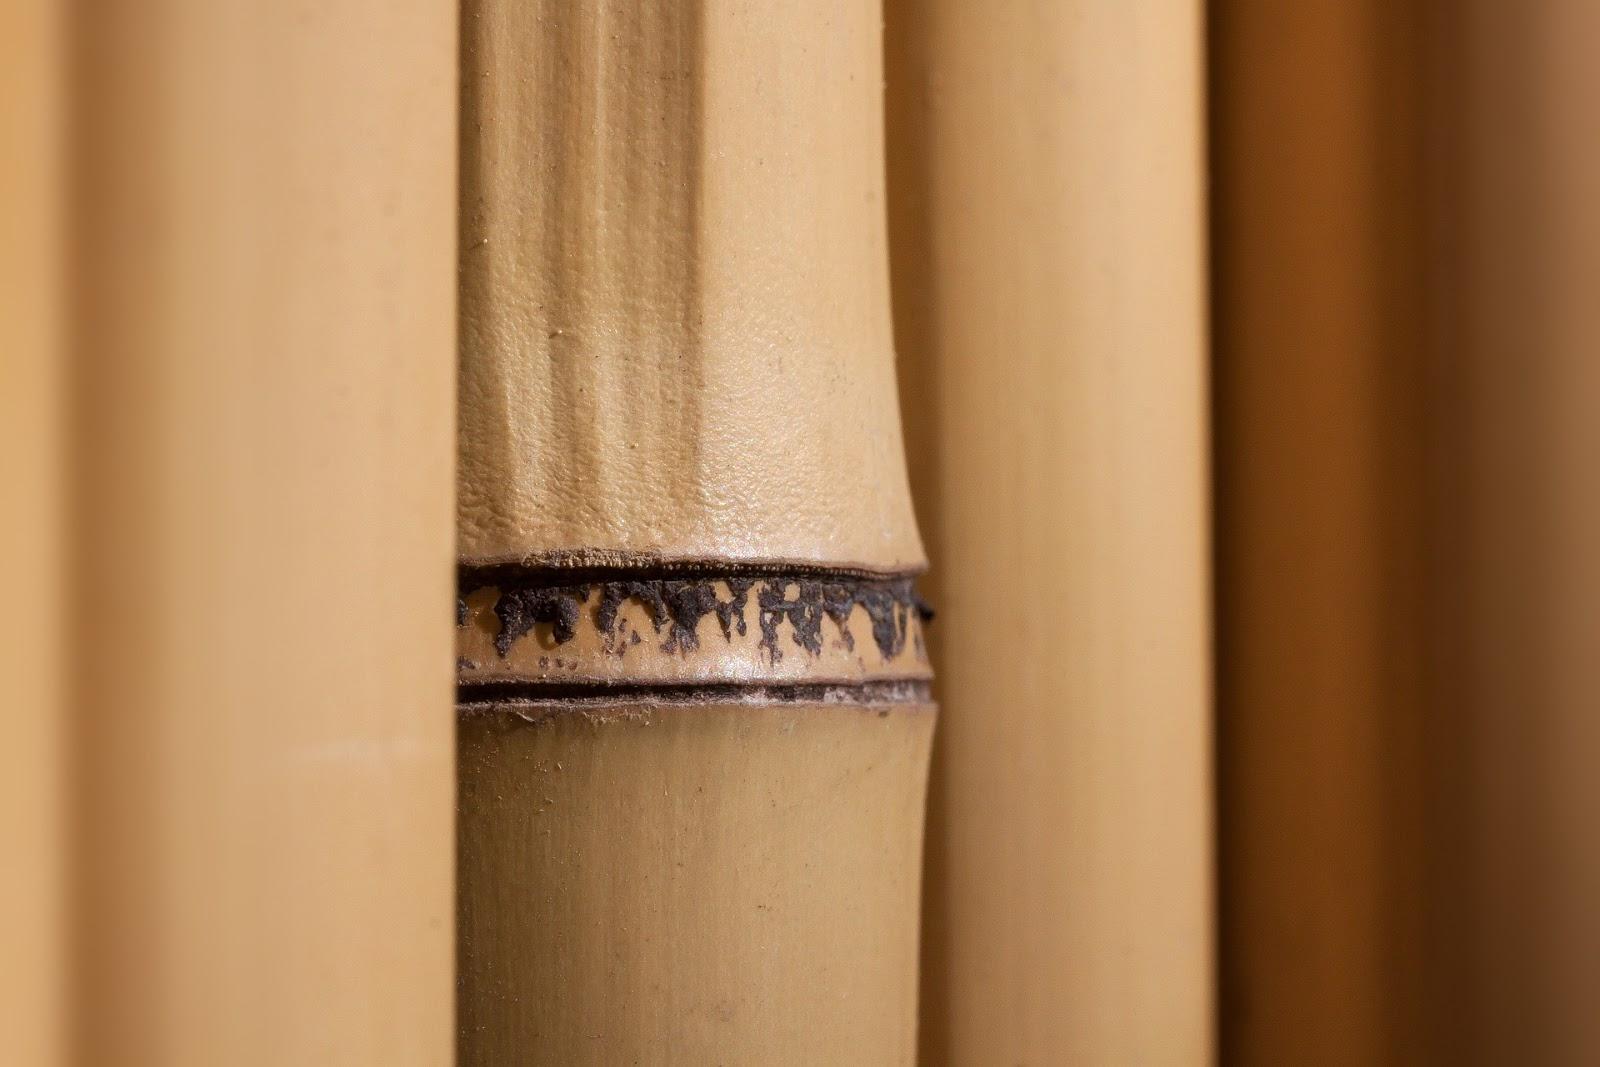 Badmöbel aus Bambus Holz: Erfahrungen und Empfehlungen für den Kauf ...